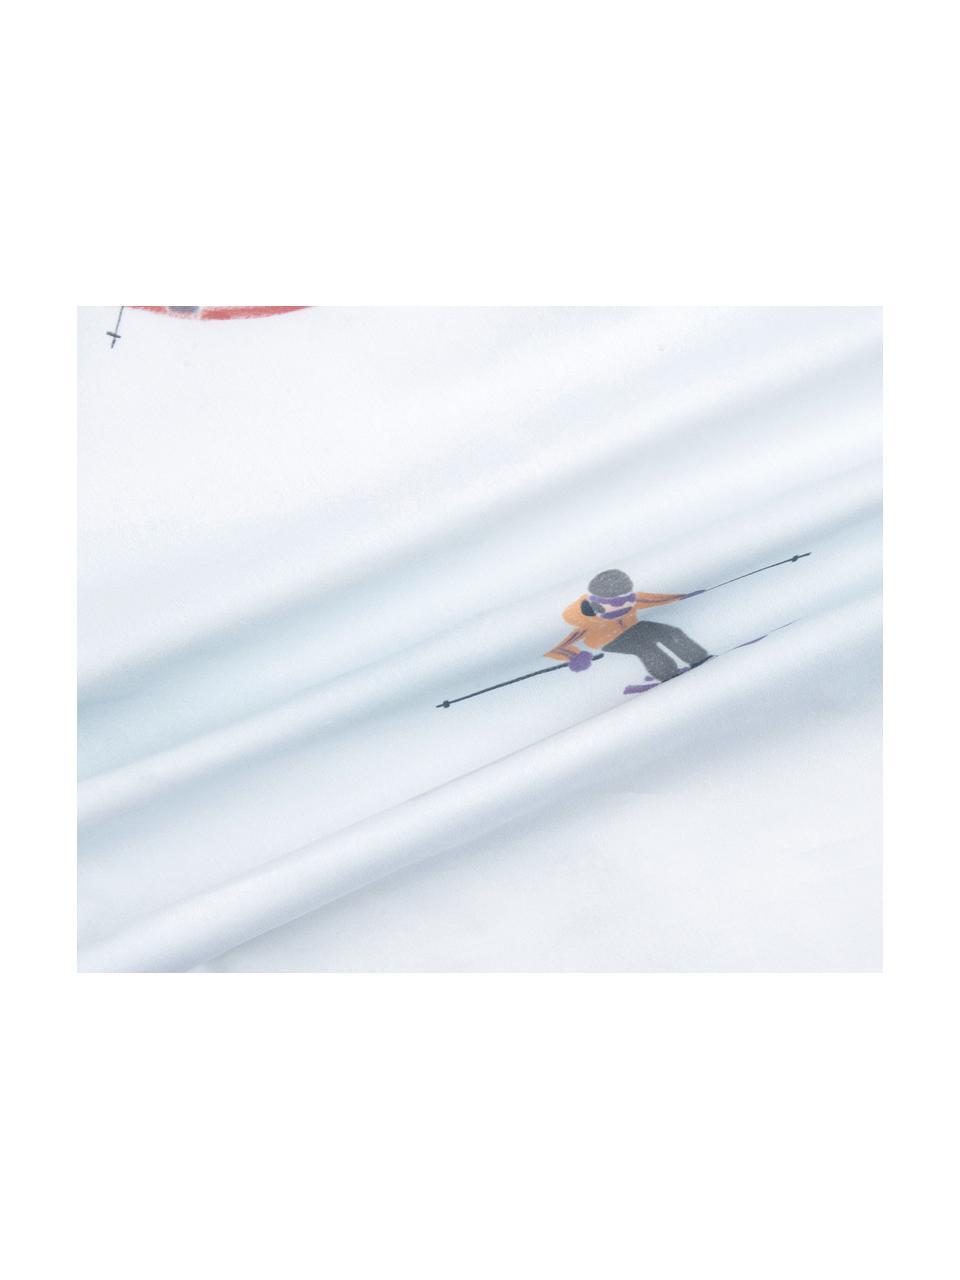 Pościel z perkalu bawełnianego Ski, Biały, wielobarwny, 135 x 200 cm